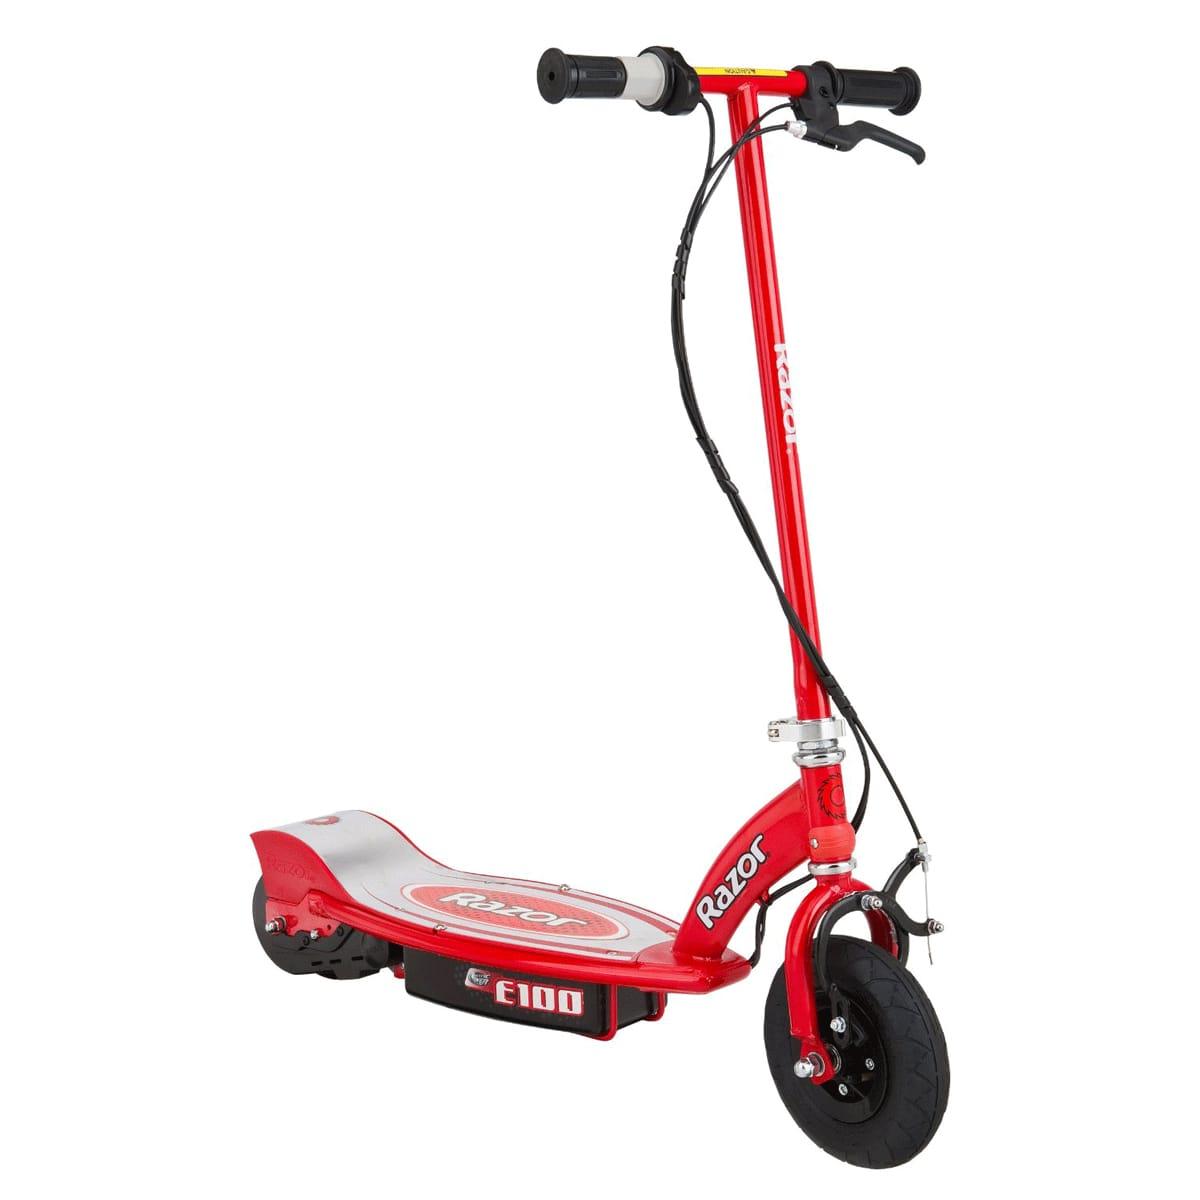 レーザー電動スクーター Razor E100 Electric Scooter